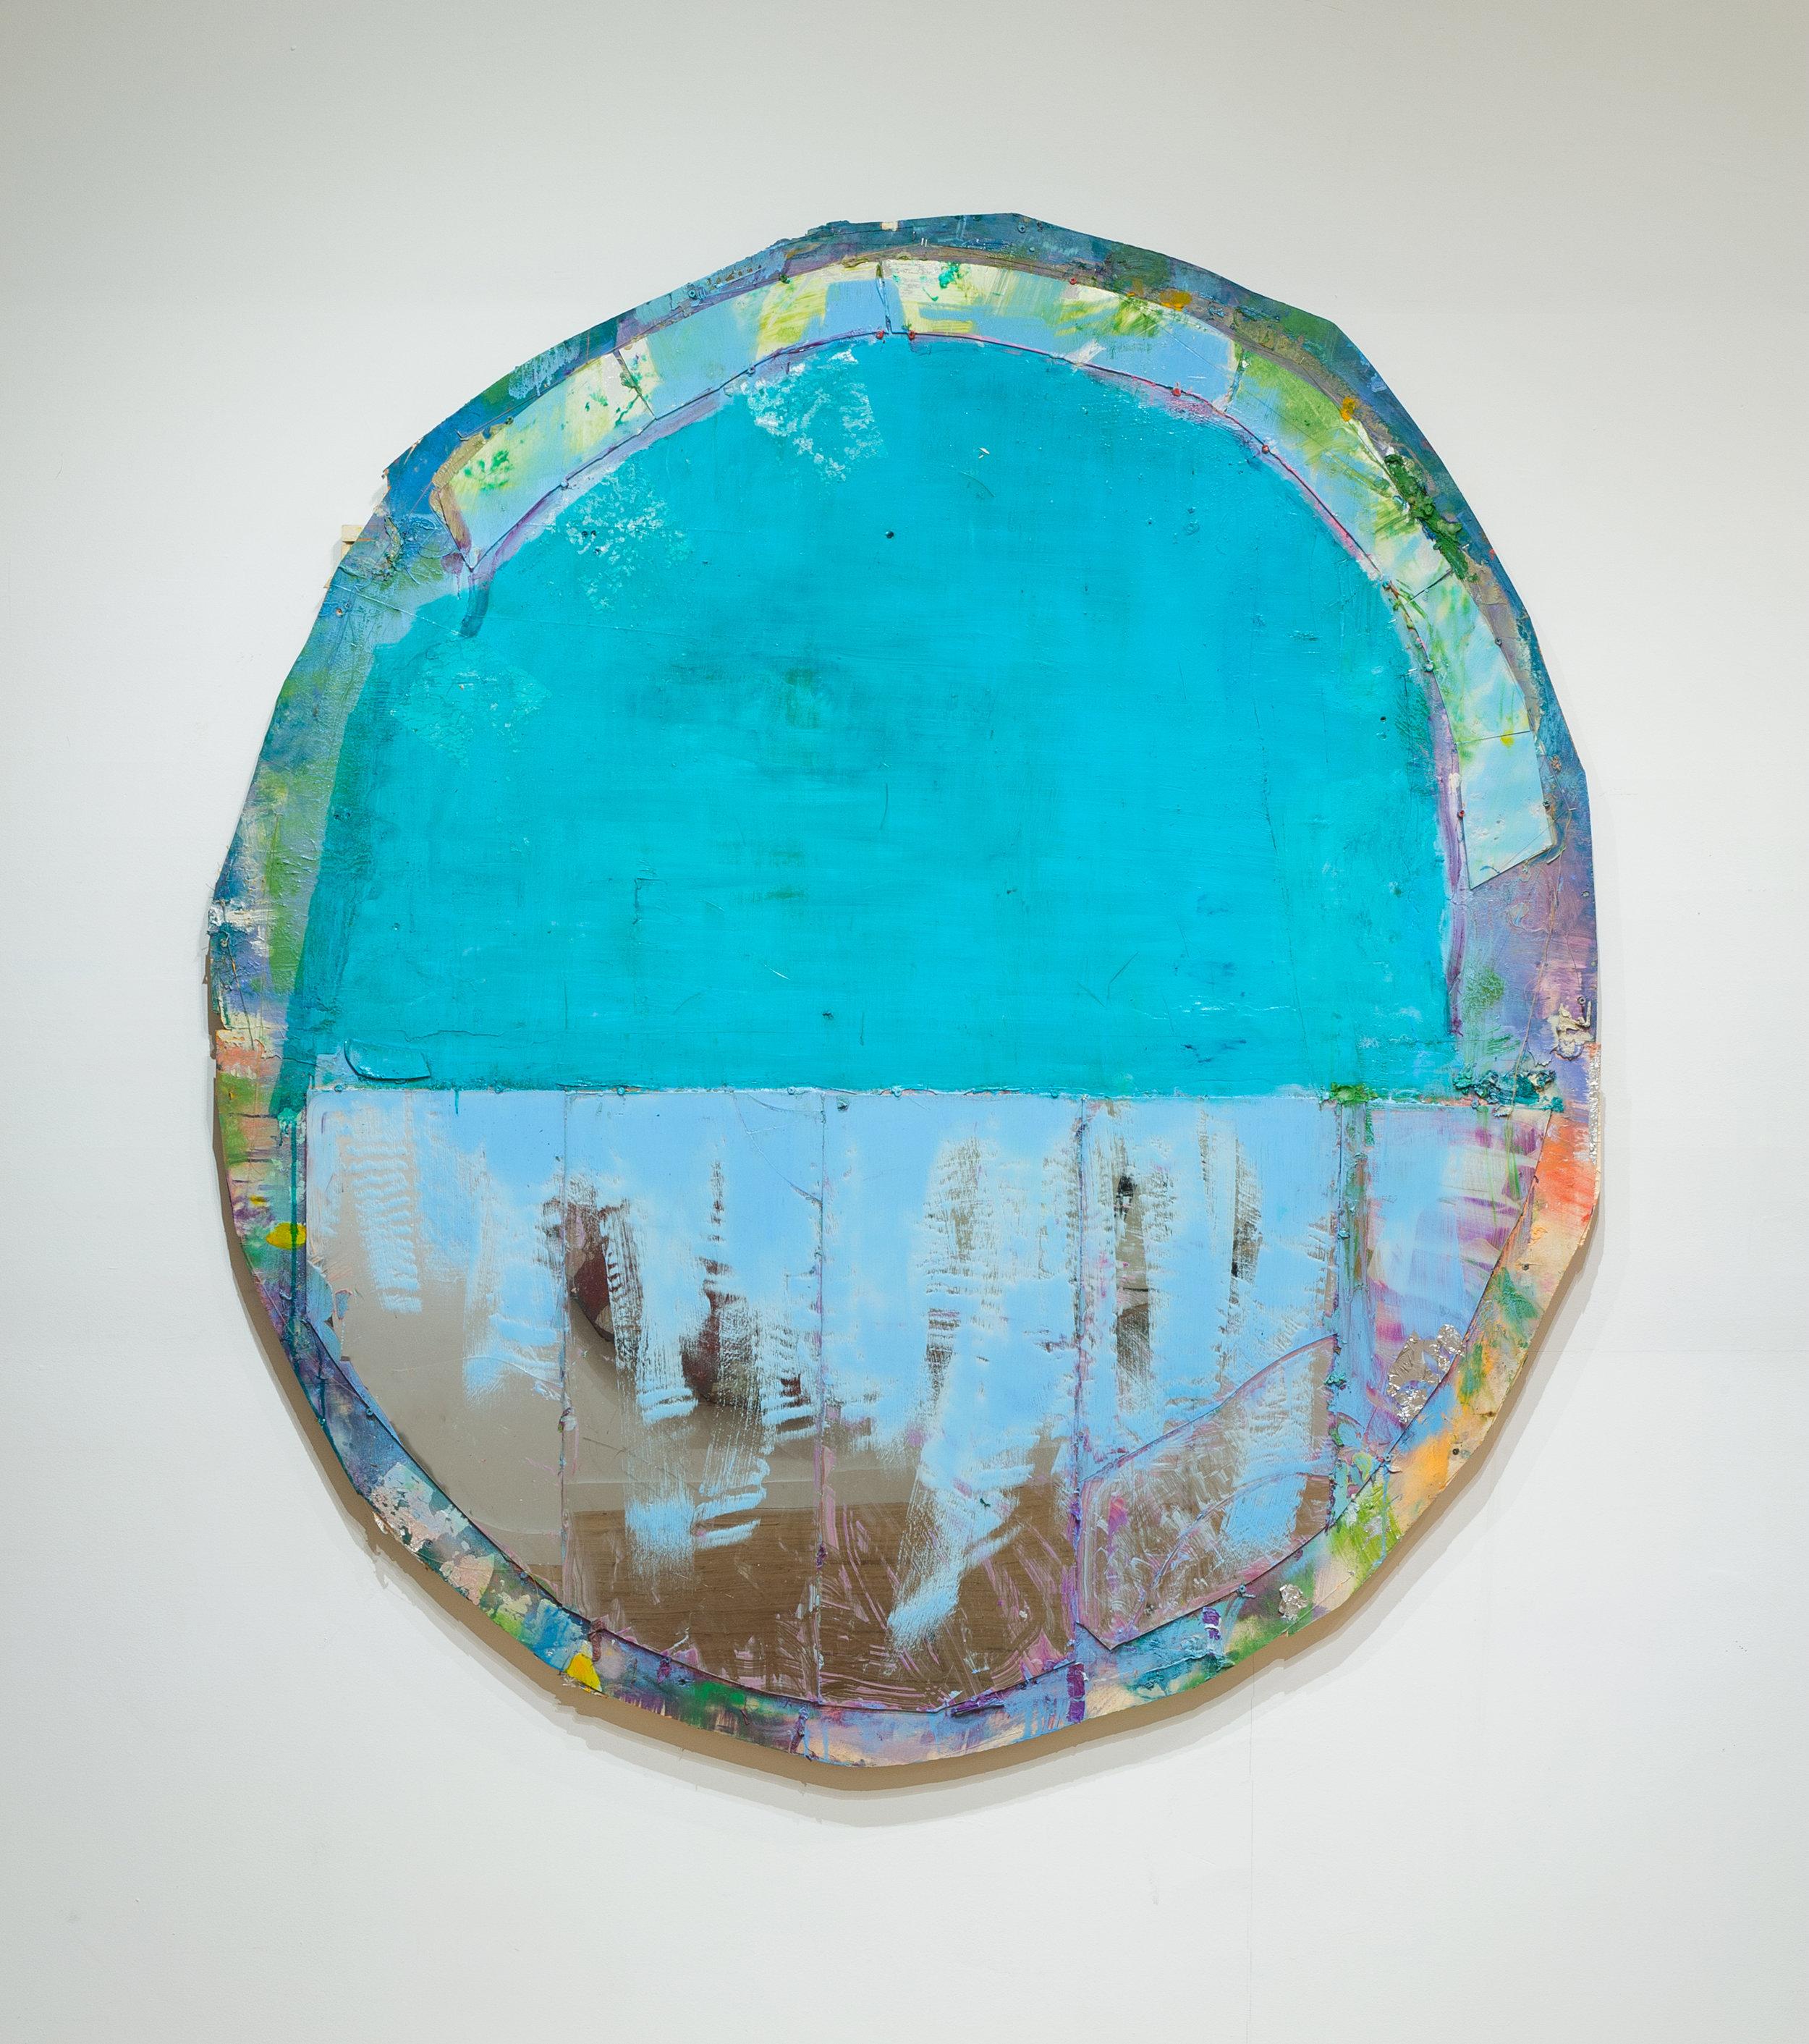 """Daniel John Gadd, """"Rosemma"""", 2016, oil, wax, aluminum leaf and mirrored glass on wooden panel"""